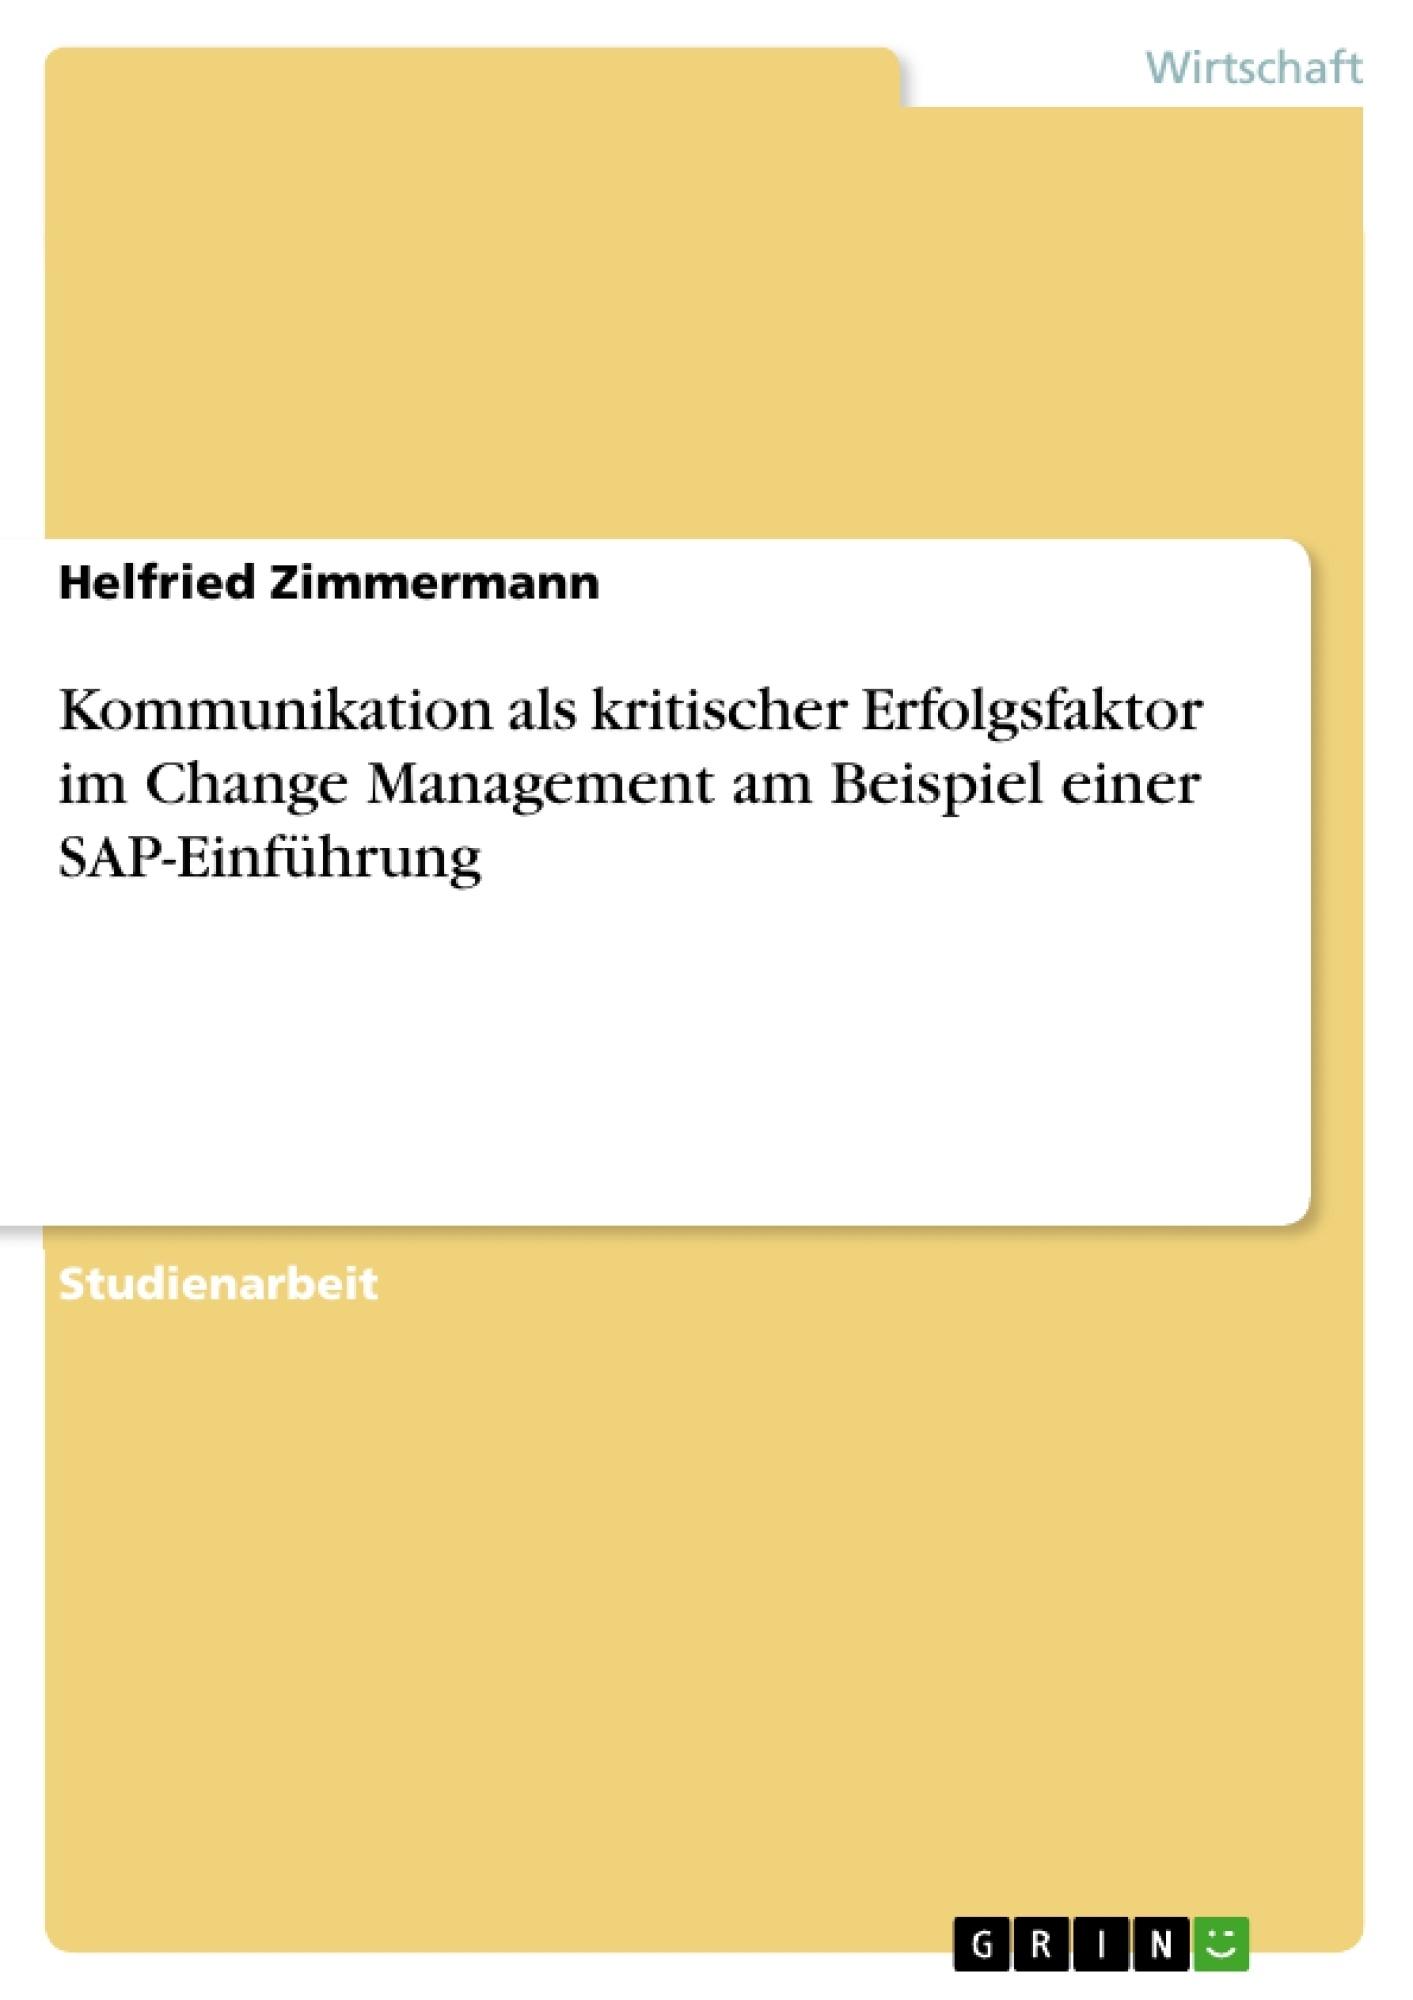 Titel: Kommunikation als kritischer Erfolgsfaktor im Change Management am Beispiel einer SAP-Einführung